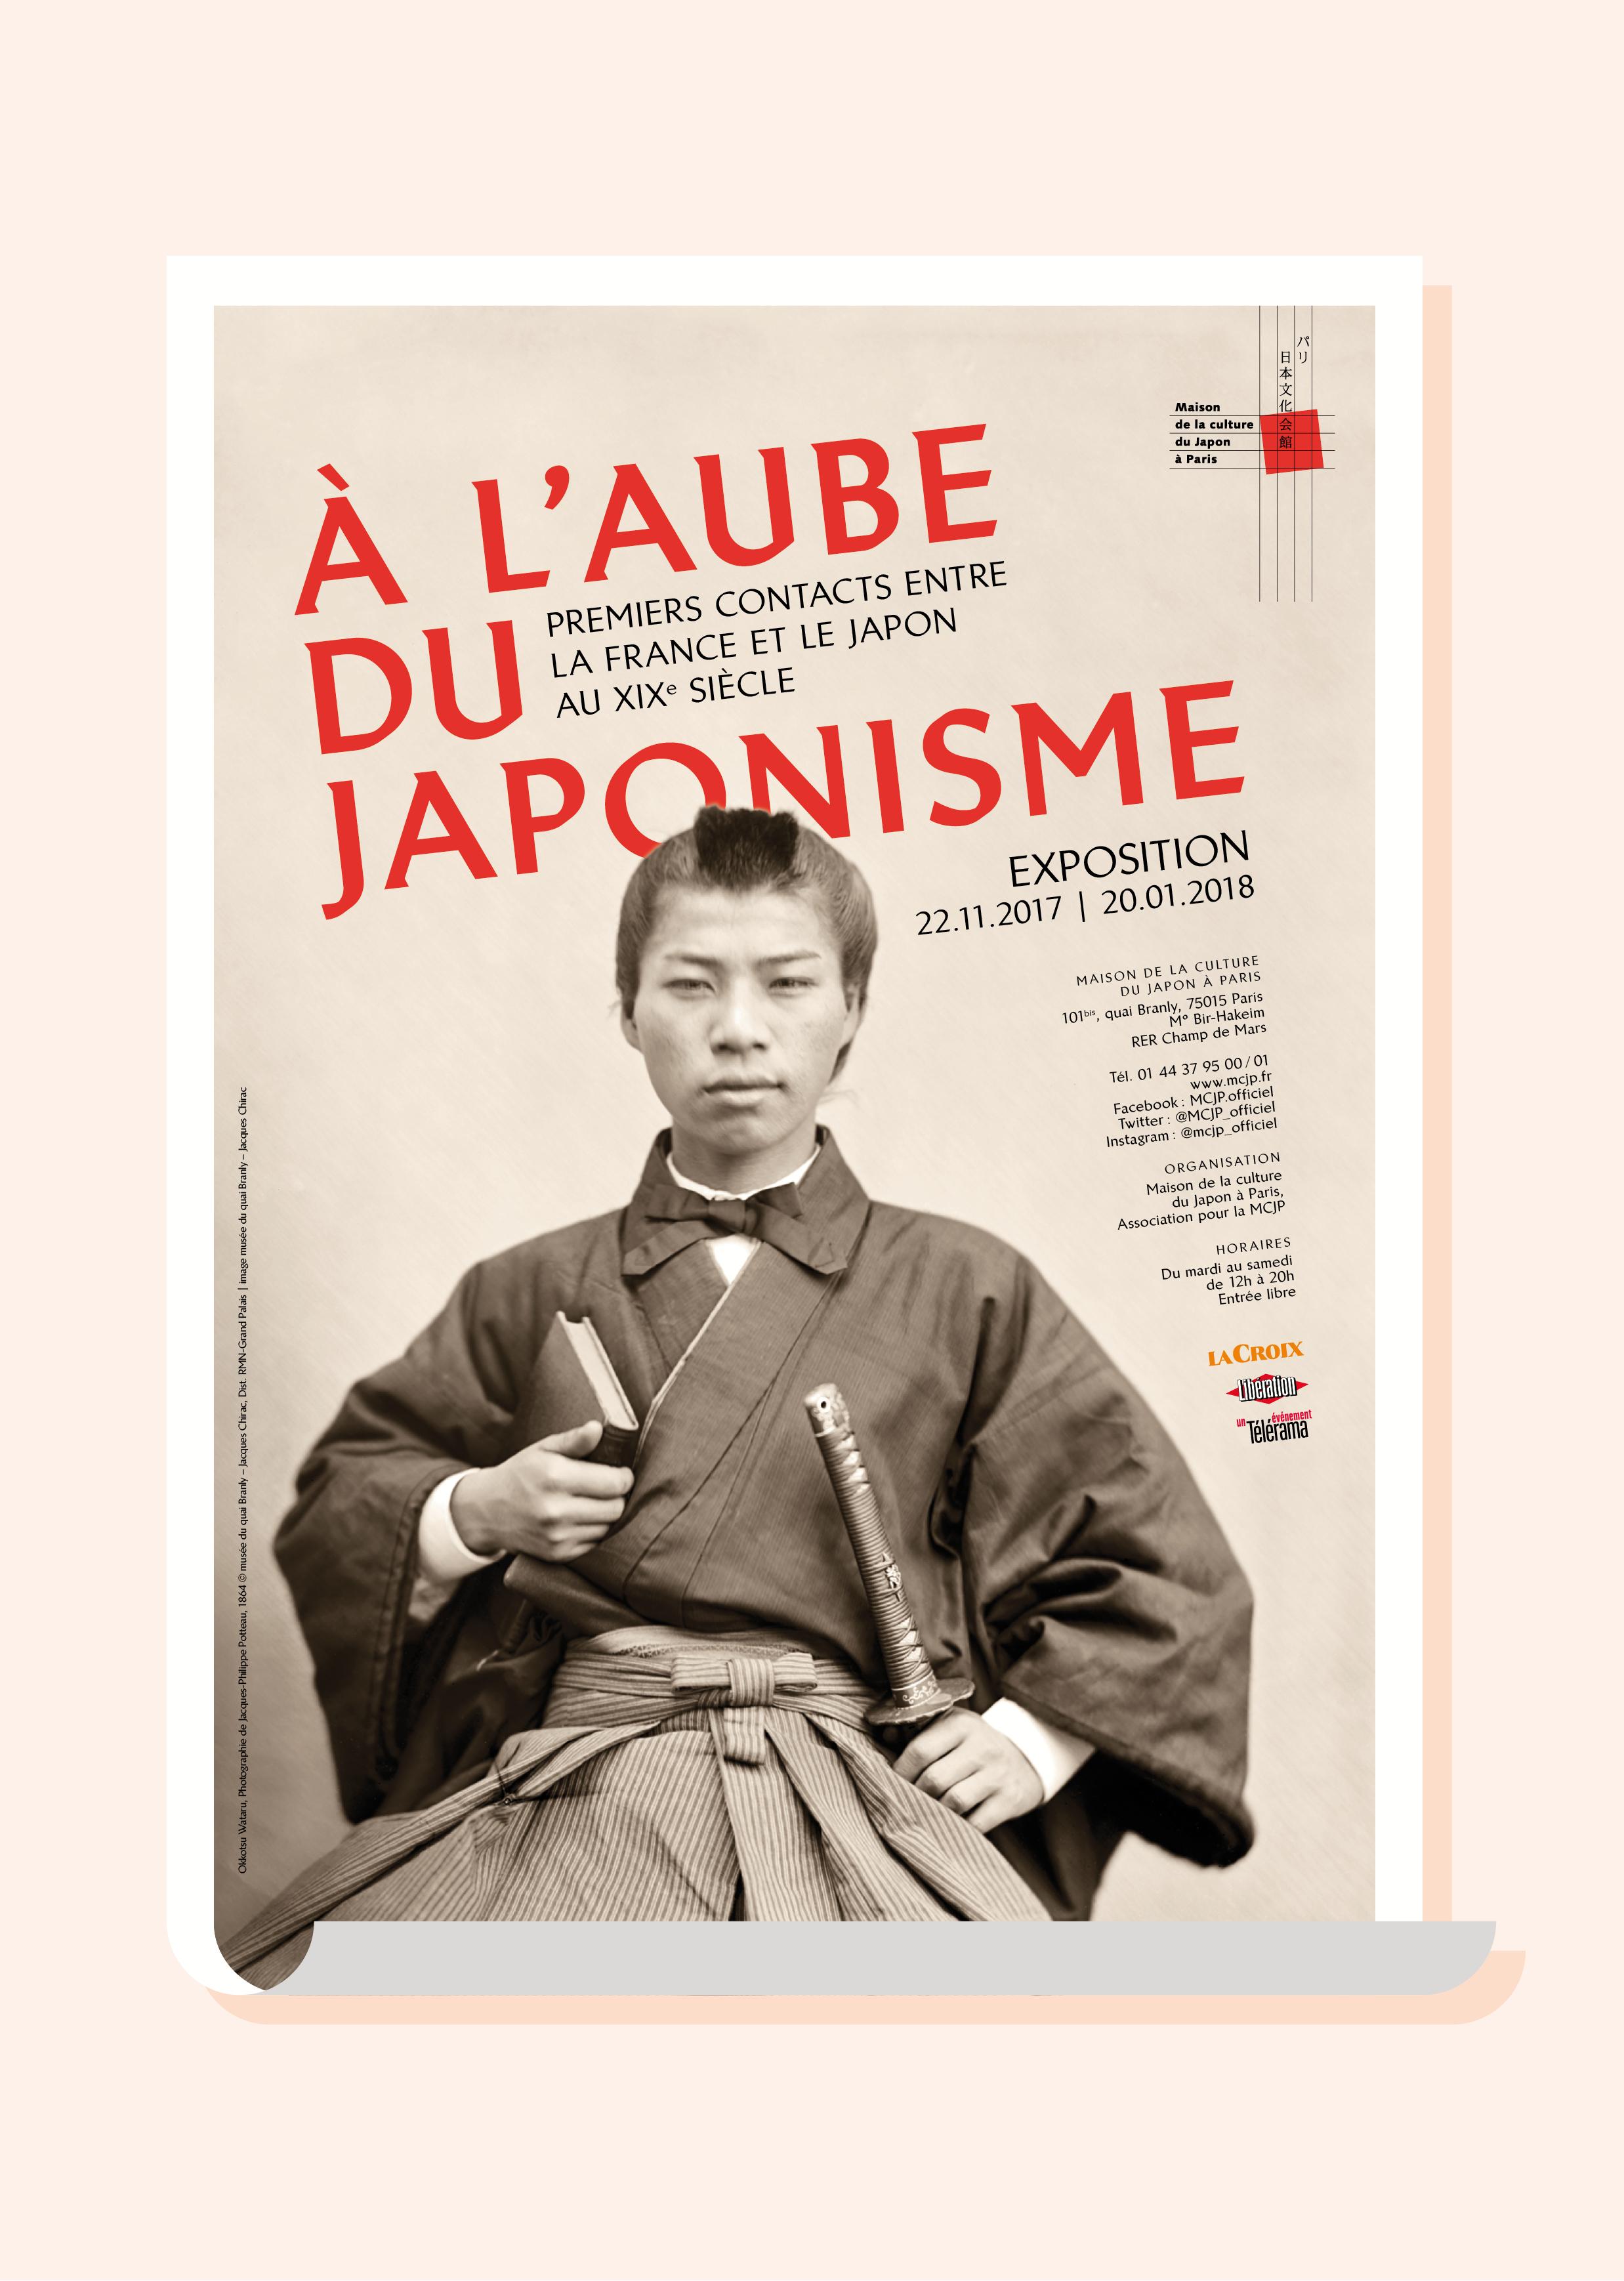 A_LAUBE-DU_JAPONISME_1